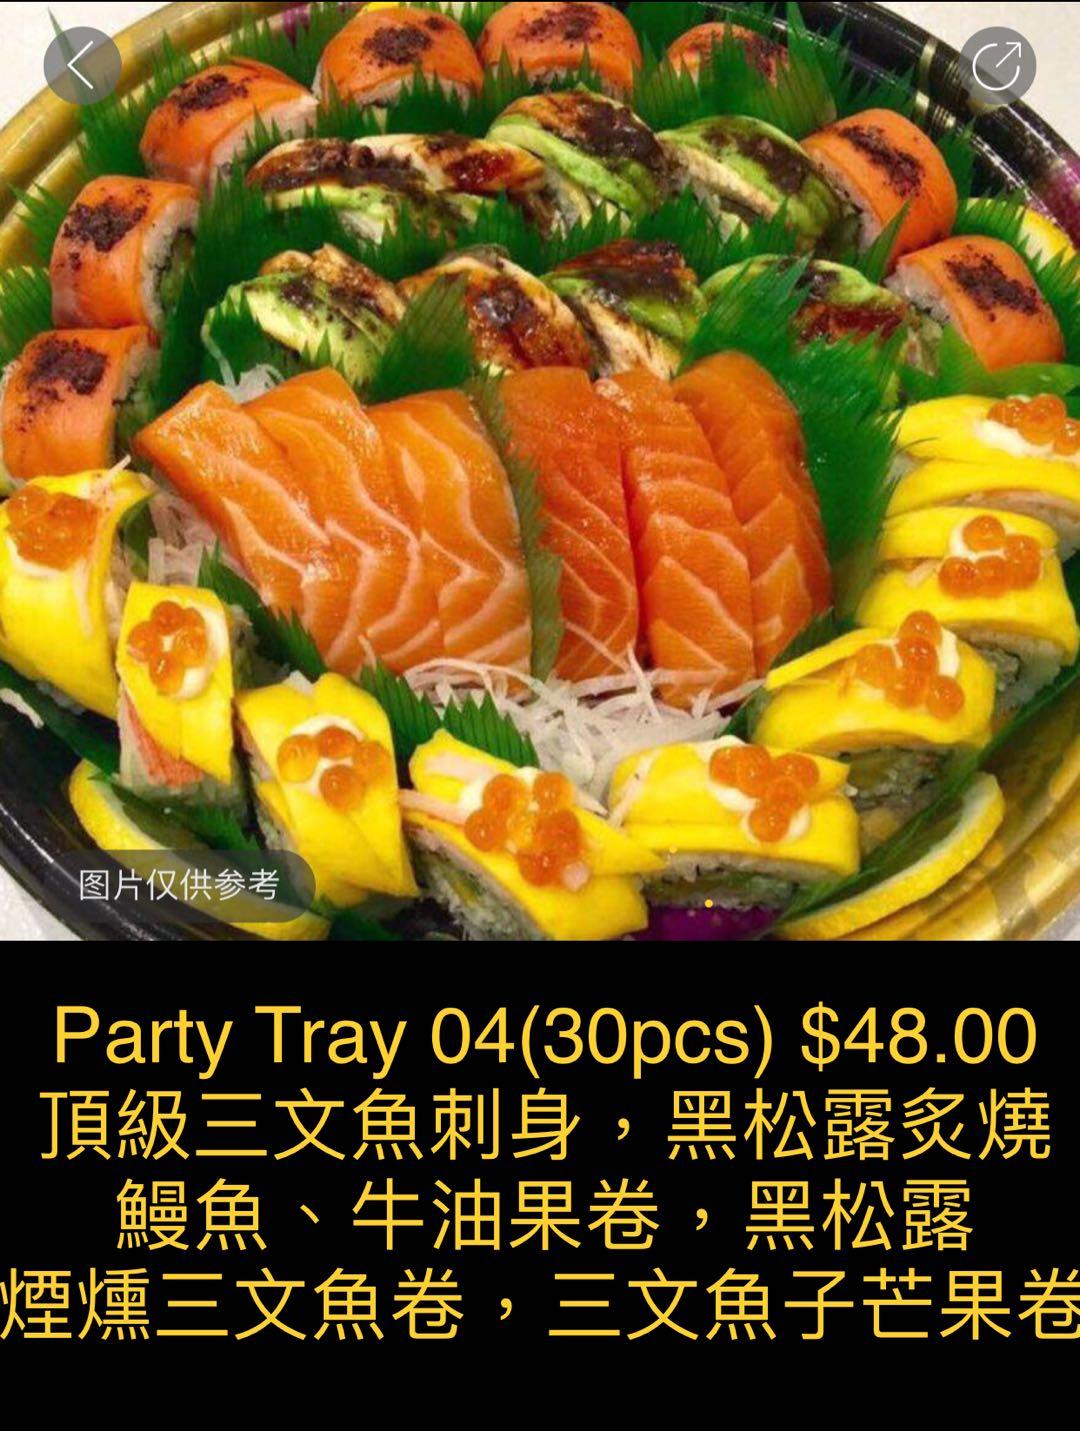 Party tray 04 30pcs